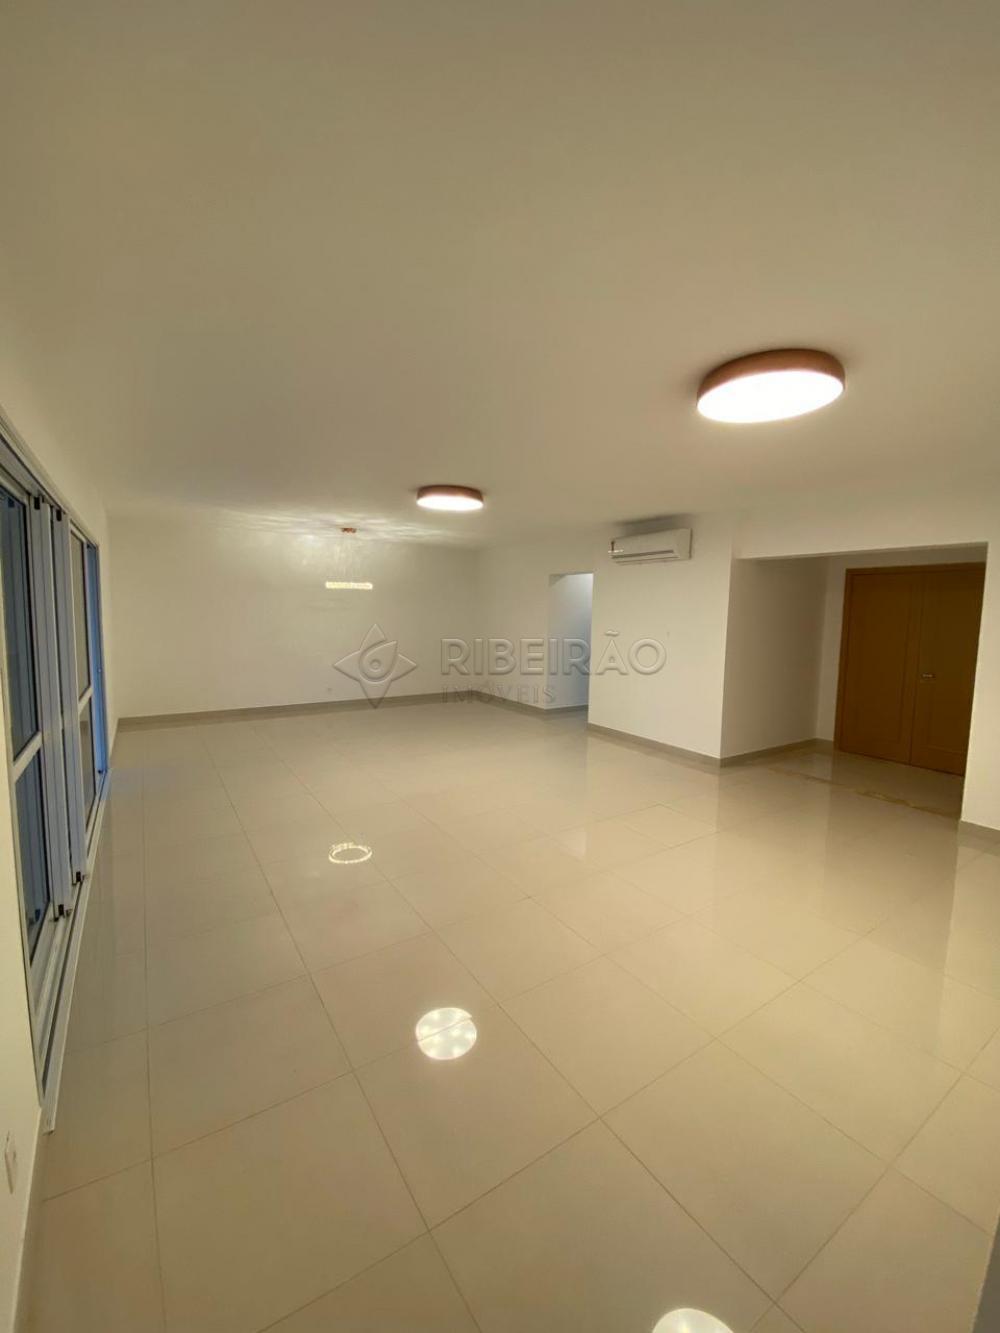 Alugar Apartamento / Padrão em Ribeirão Preto R$ 8.600,00 - Foto 3